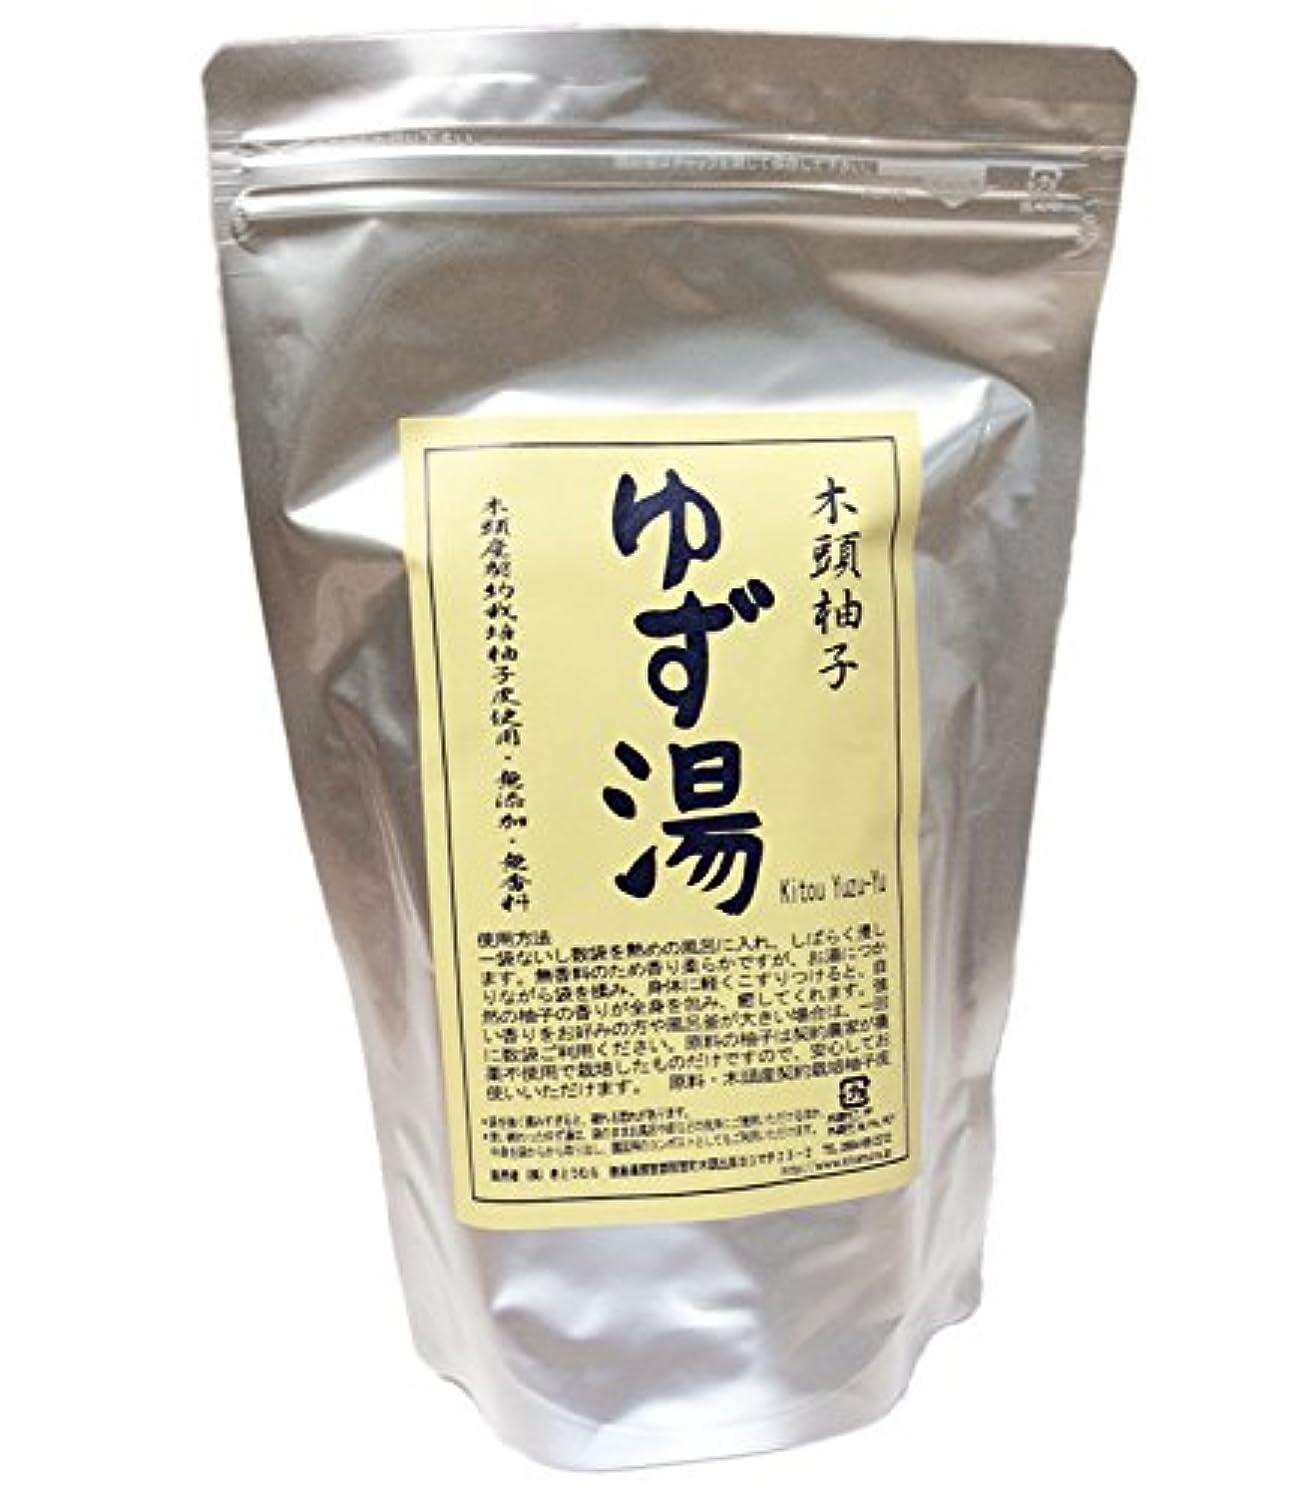 視聴者文言主張するきとうむら オーガニック 木頭柚子ゆず湯 (徳用) 30g×15パック入